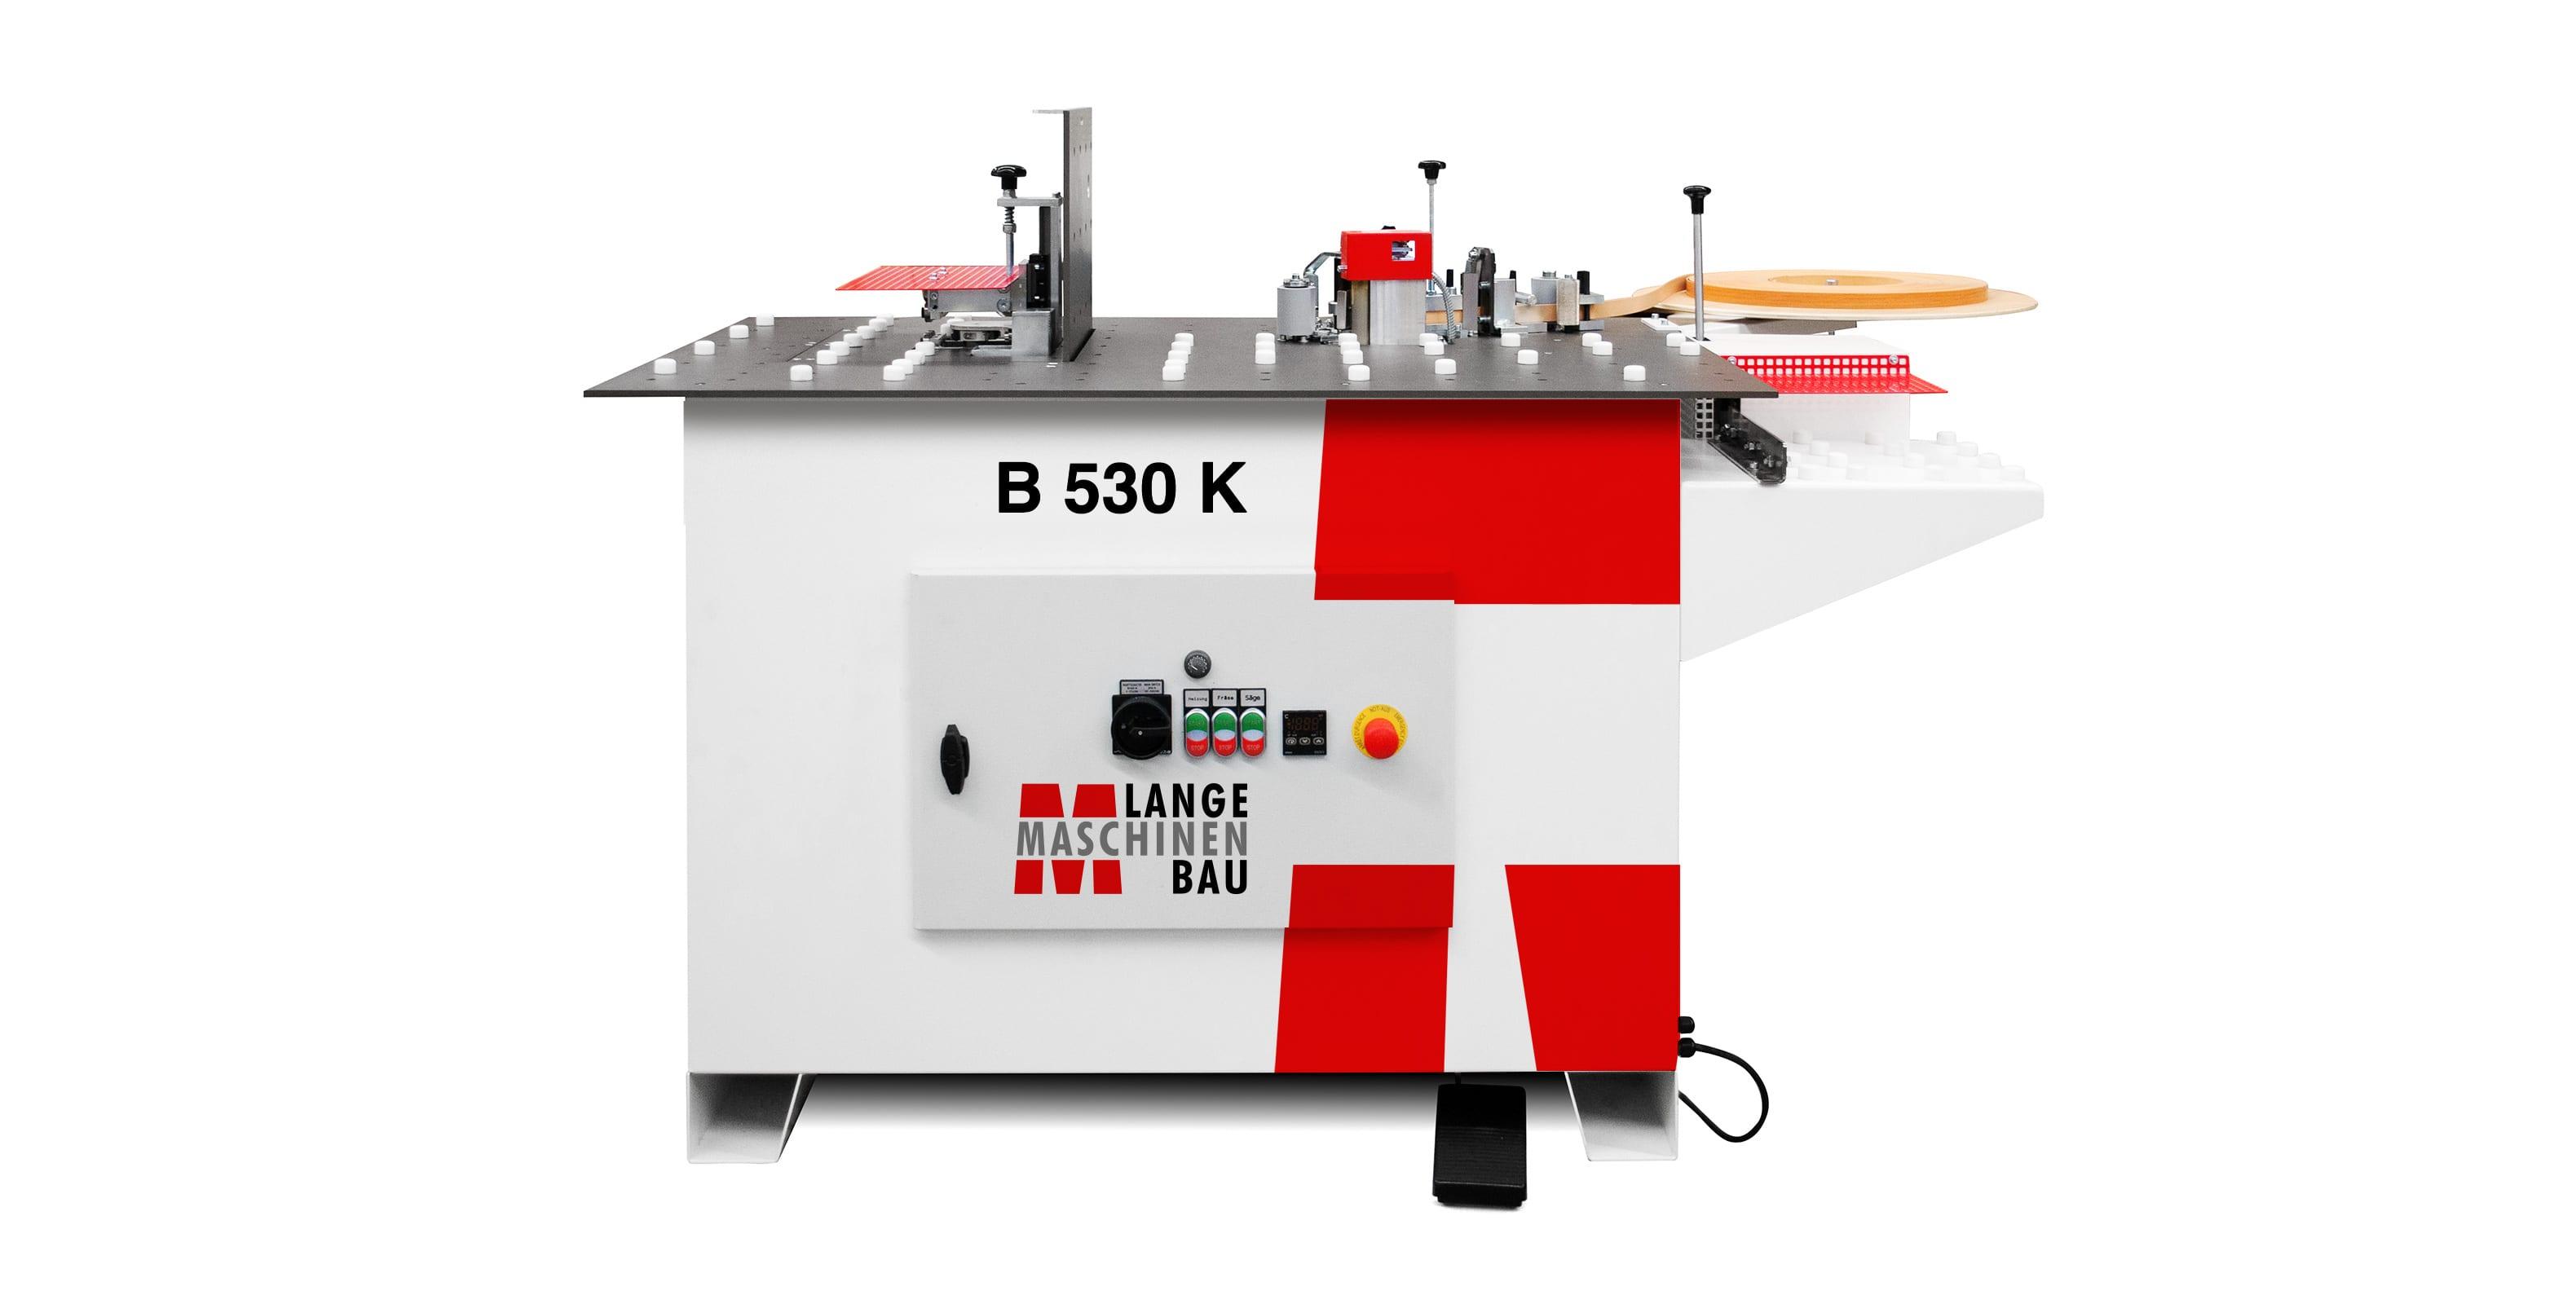 B530K Lange Kantenanleimmaschine Slider